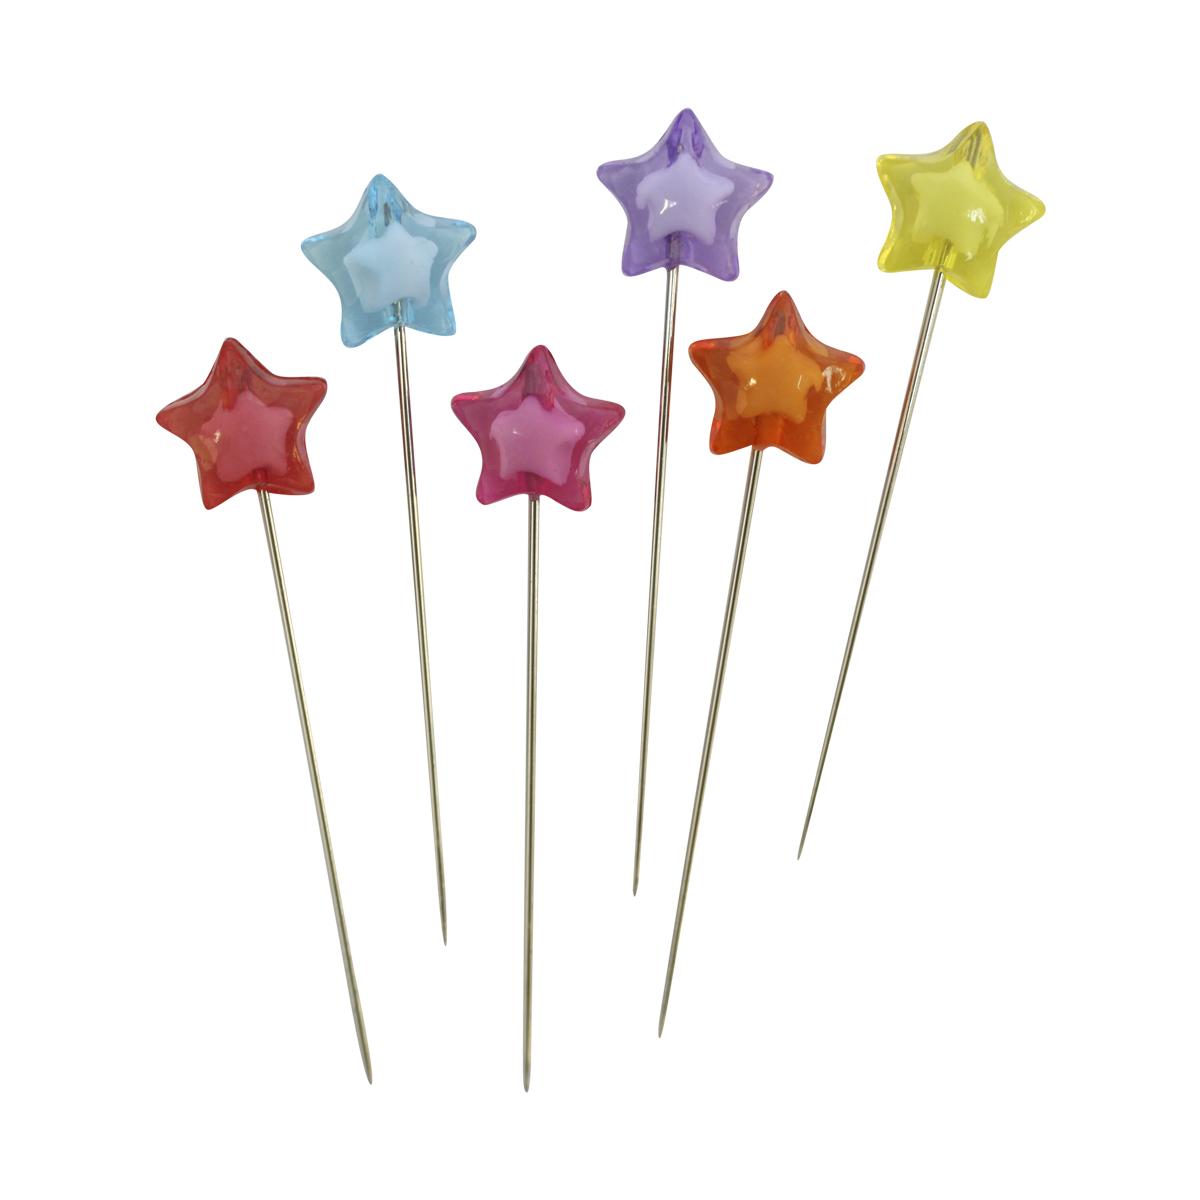 Булавки декоративные Астра с цветными звездочками, 6 шт. H17-L13167714210Булавки используются для творчества и декорирования. В упаковке 6 булавочек.